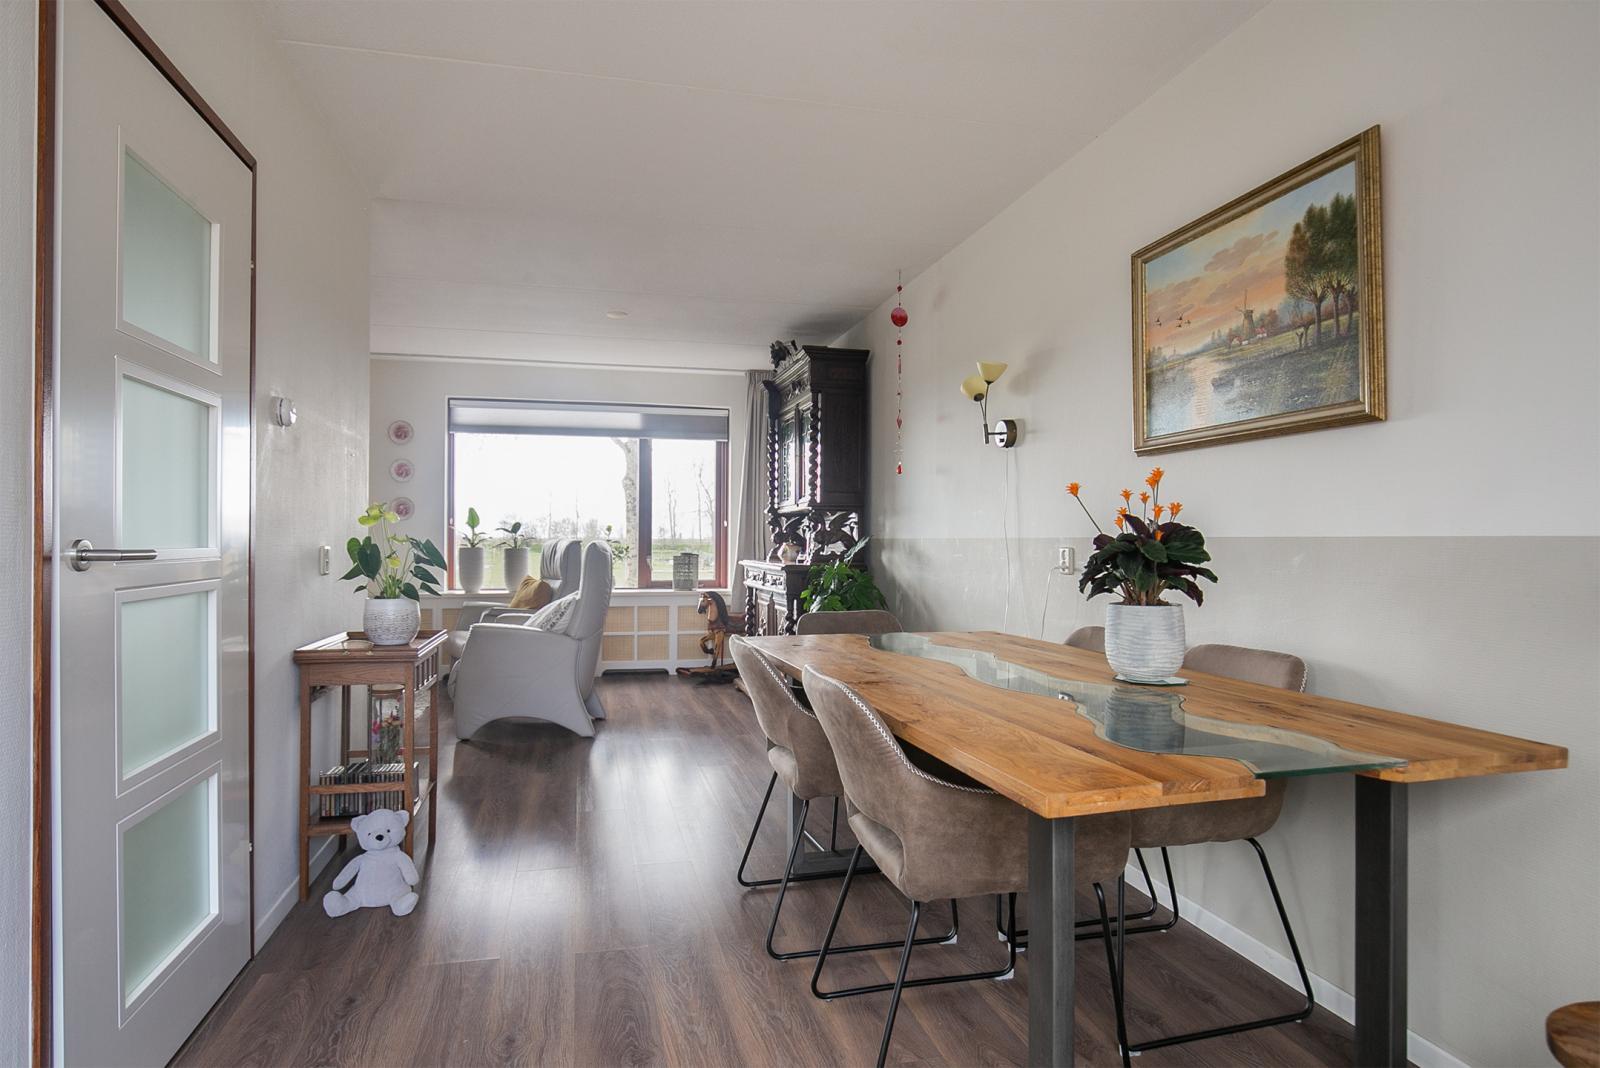 zeino-van-burmaniastrjitte-15-oppenhuizen-1067